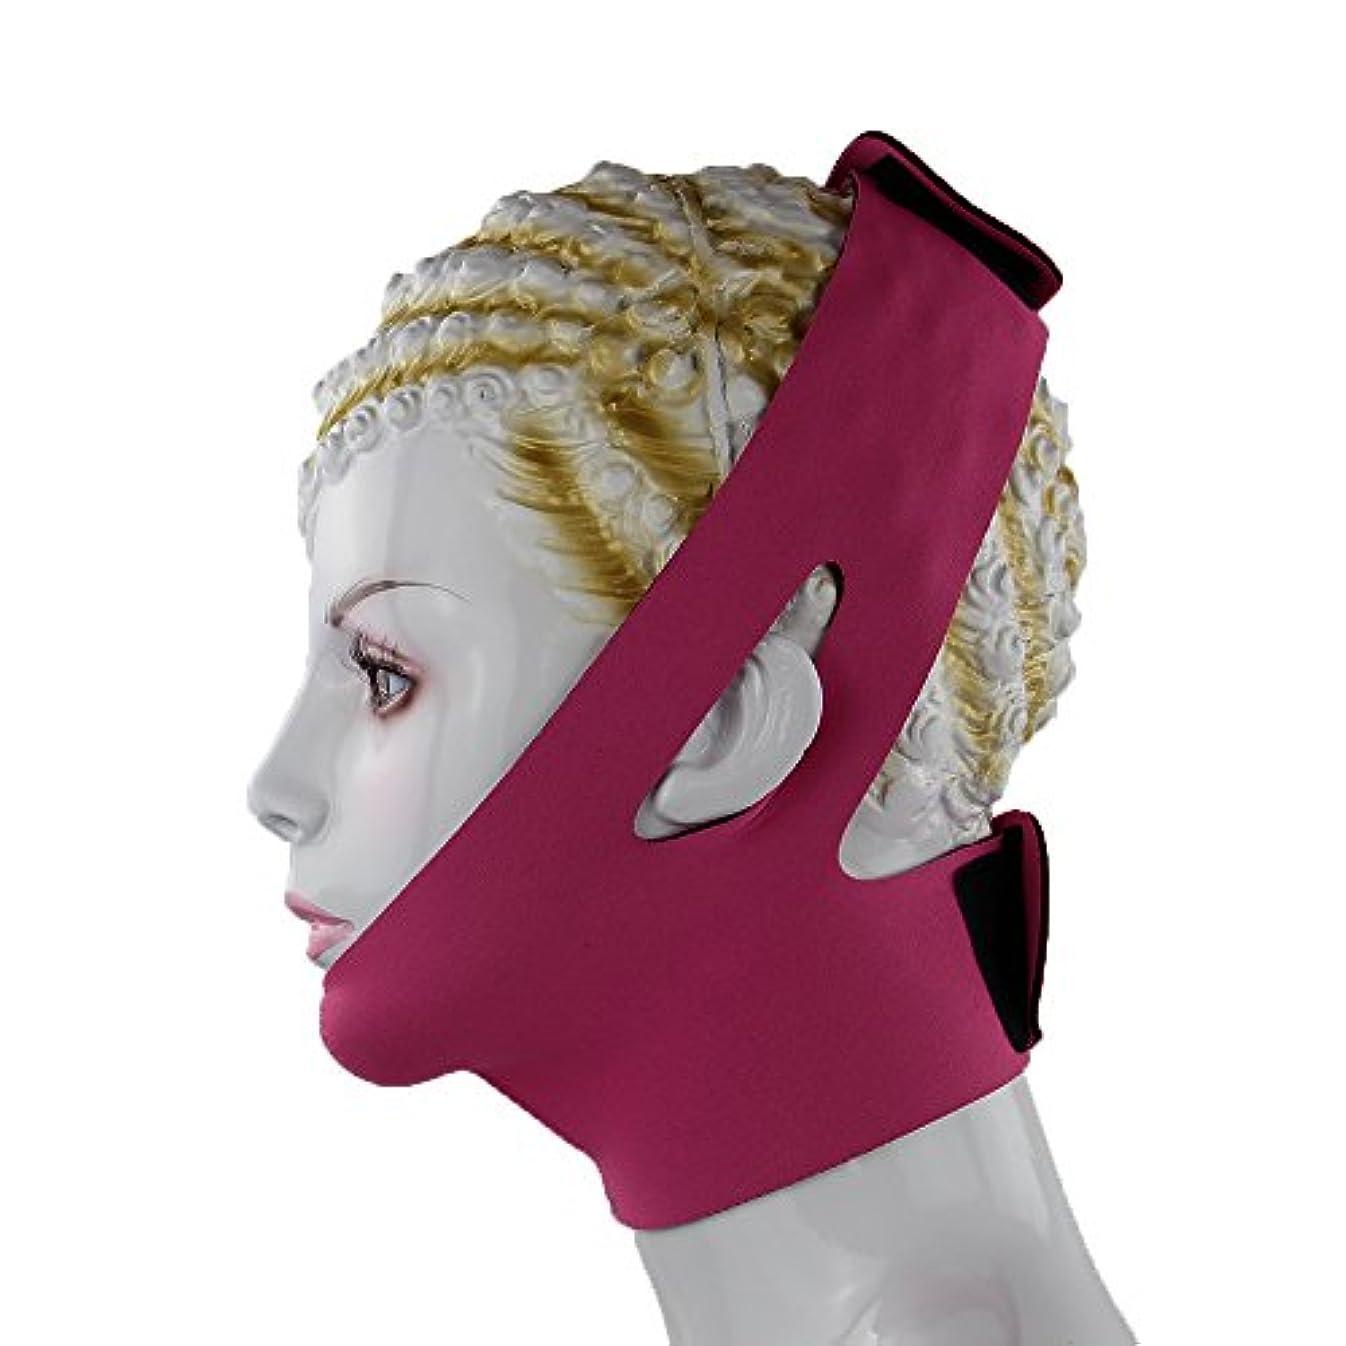 仕方選出する式小顔 美容 顎サポーター ほうれい線 豊齢線 解消 マッサージグッズ フェイスマスク 二重あご 加圧 ベルト レディース (ピンク)